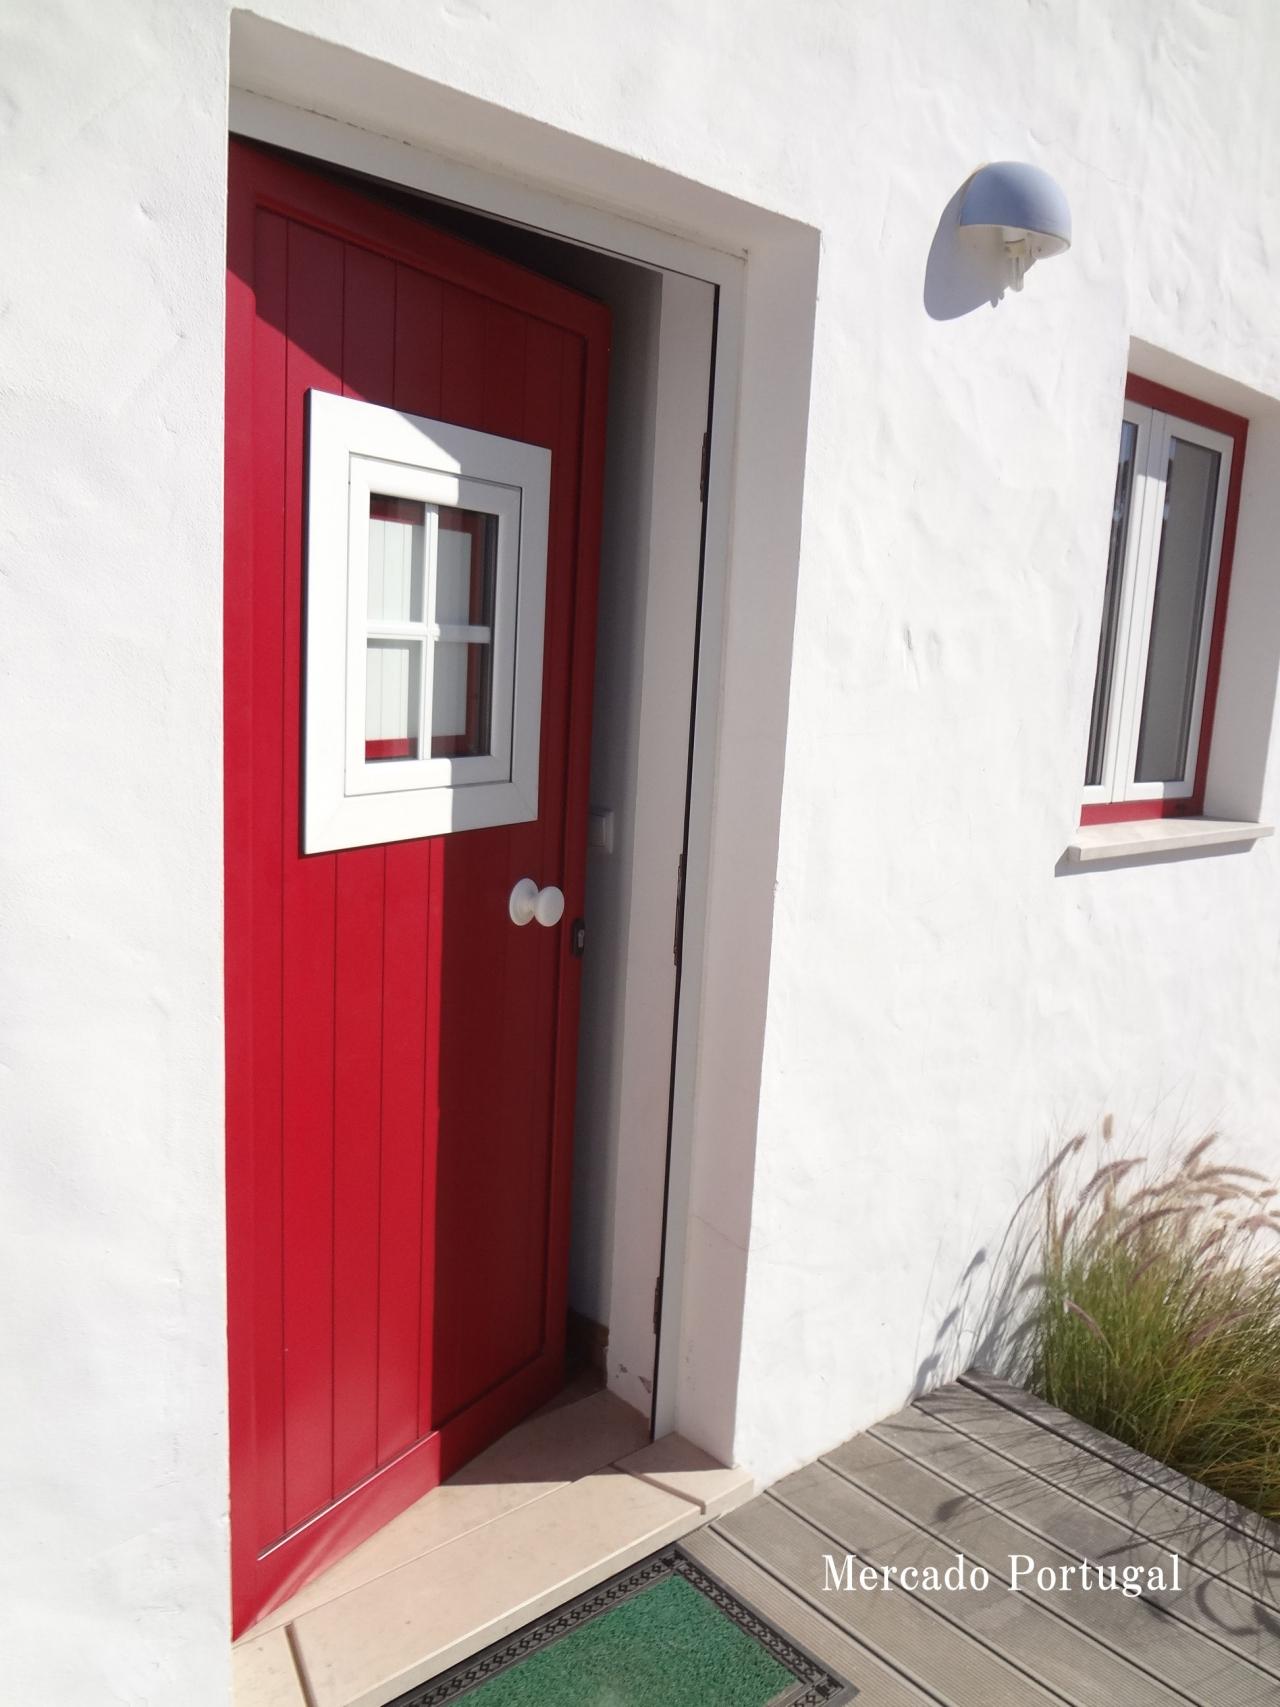 白い壁と赤いドア。ポルトガルの青い空によく映えます。